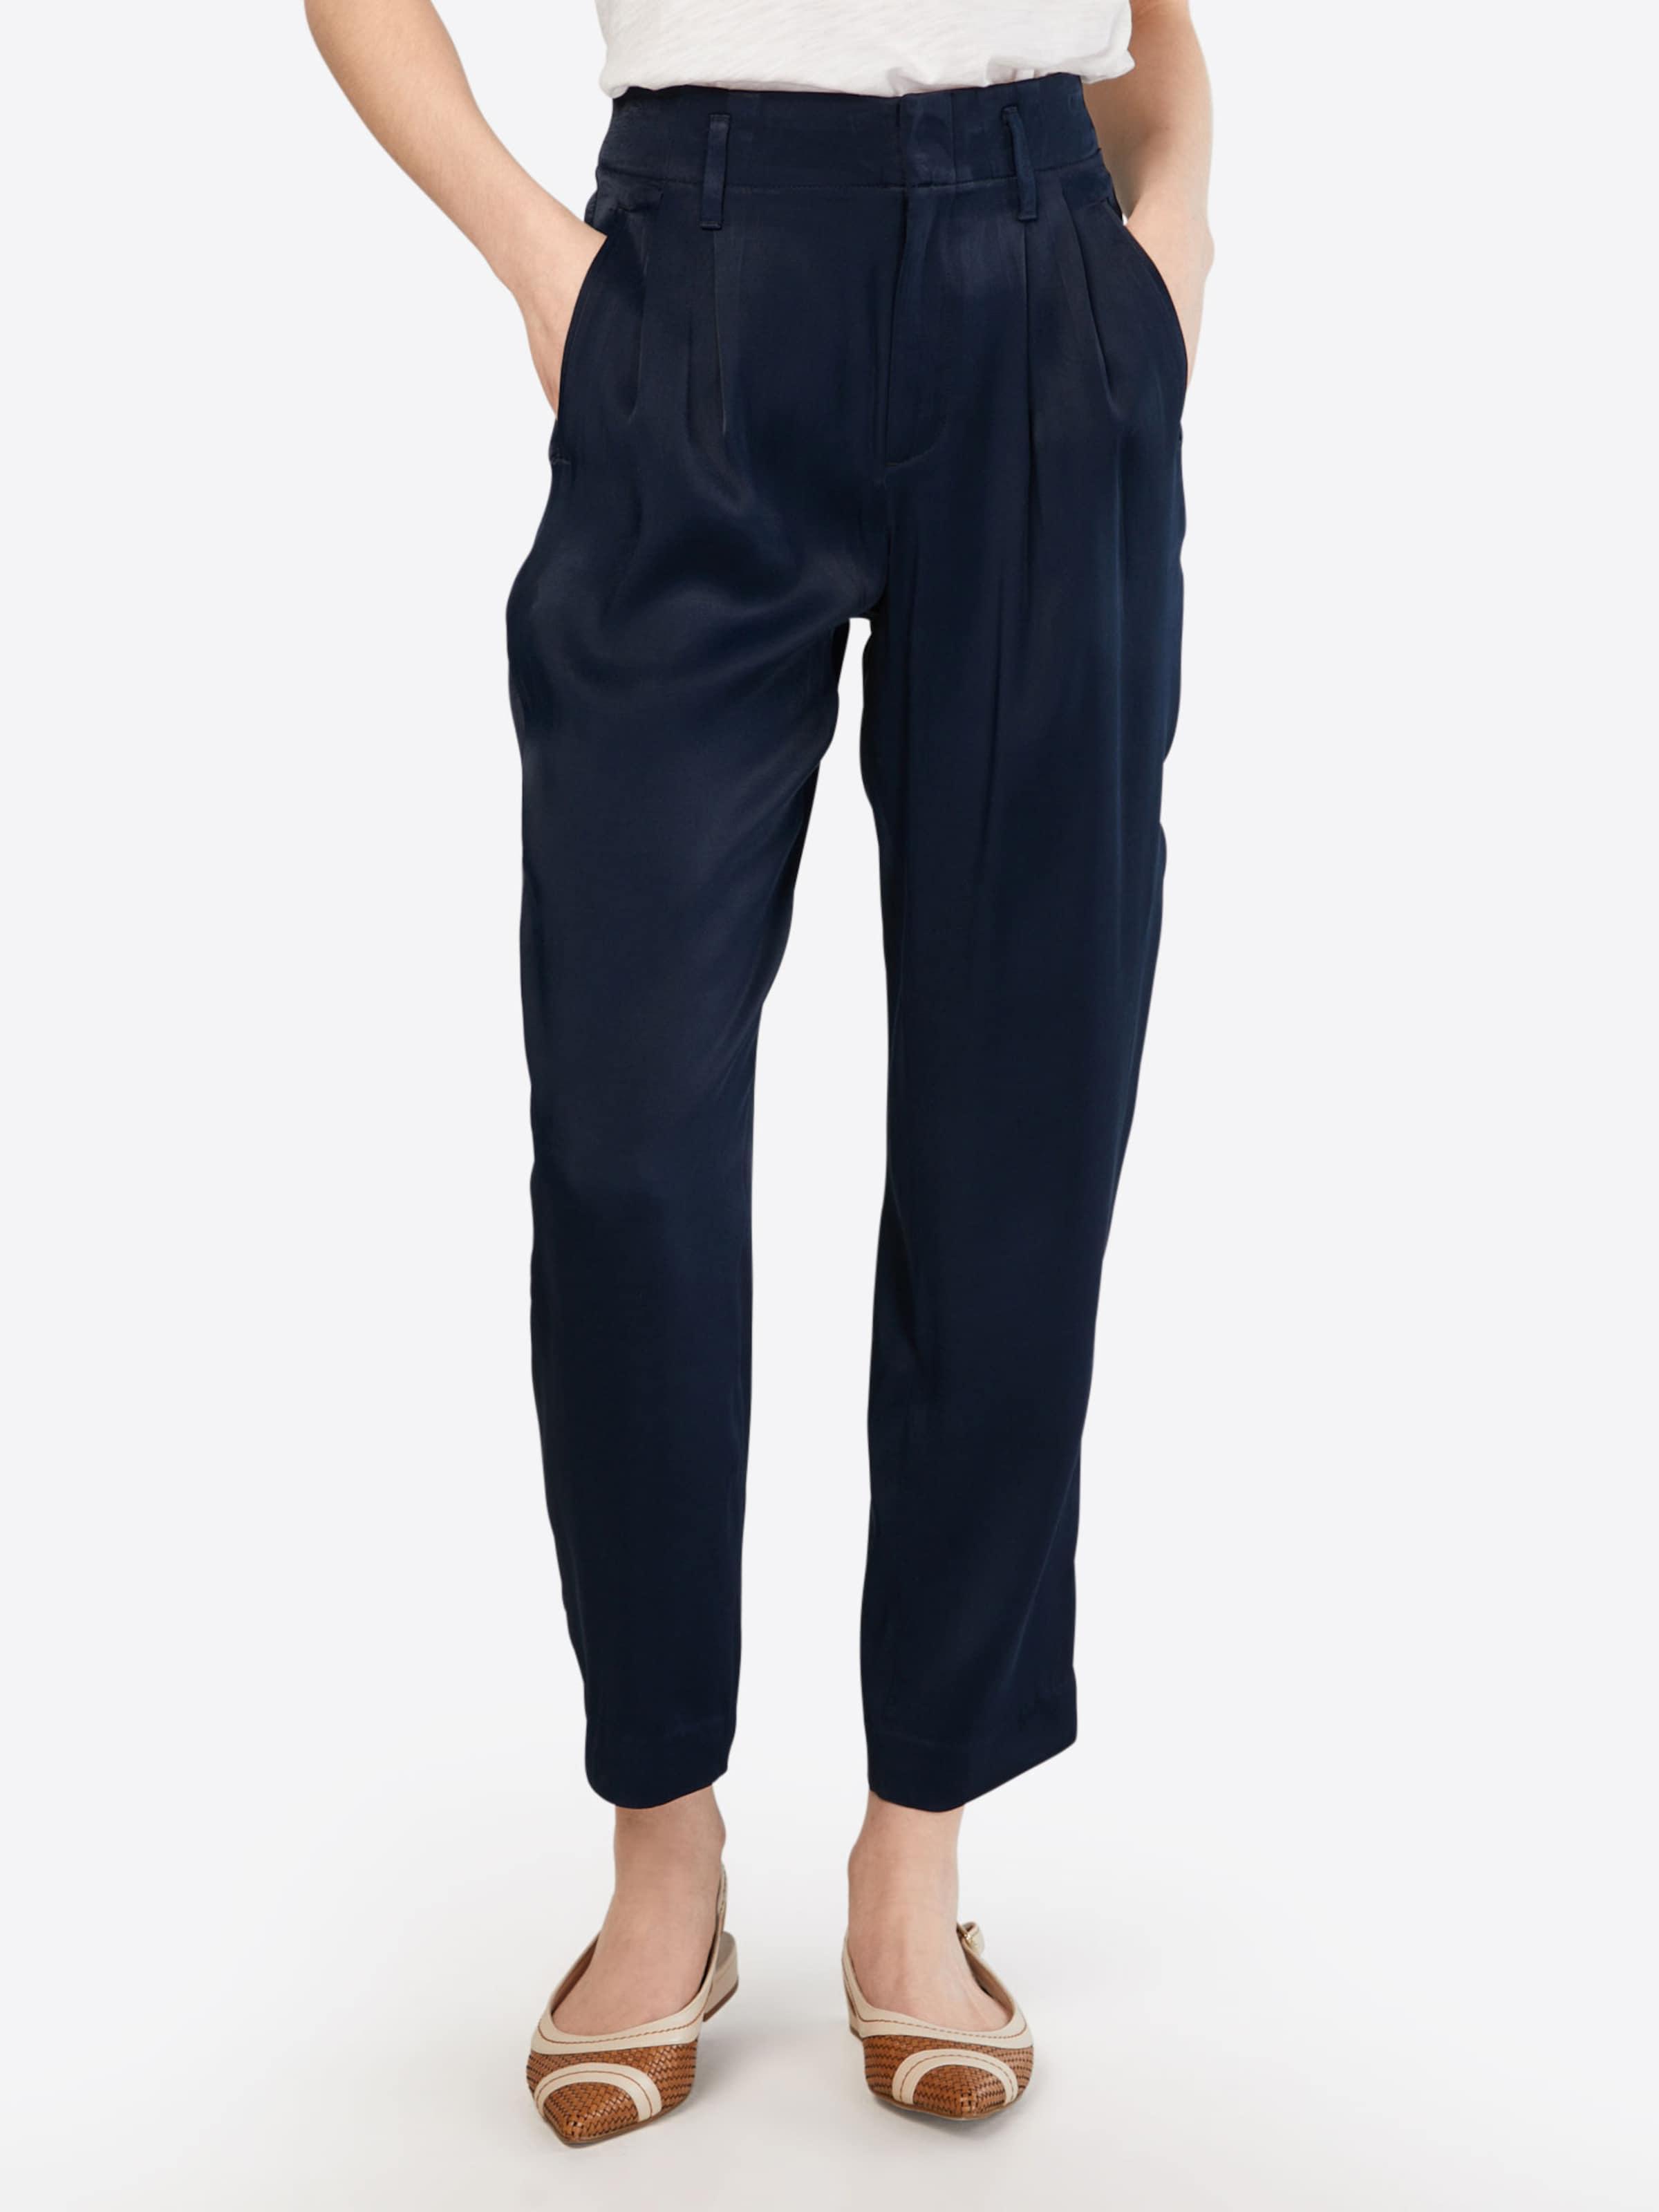 Gap 'drapey' En Indigo Gap Pantalon Pantalon wkuTXPZiOl